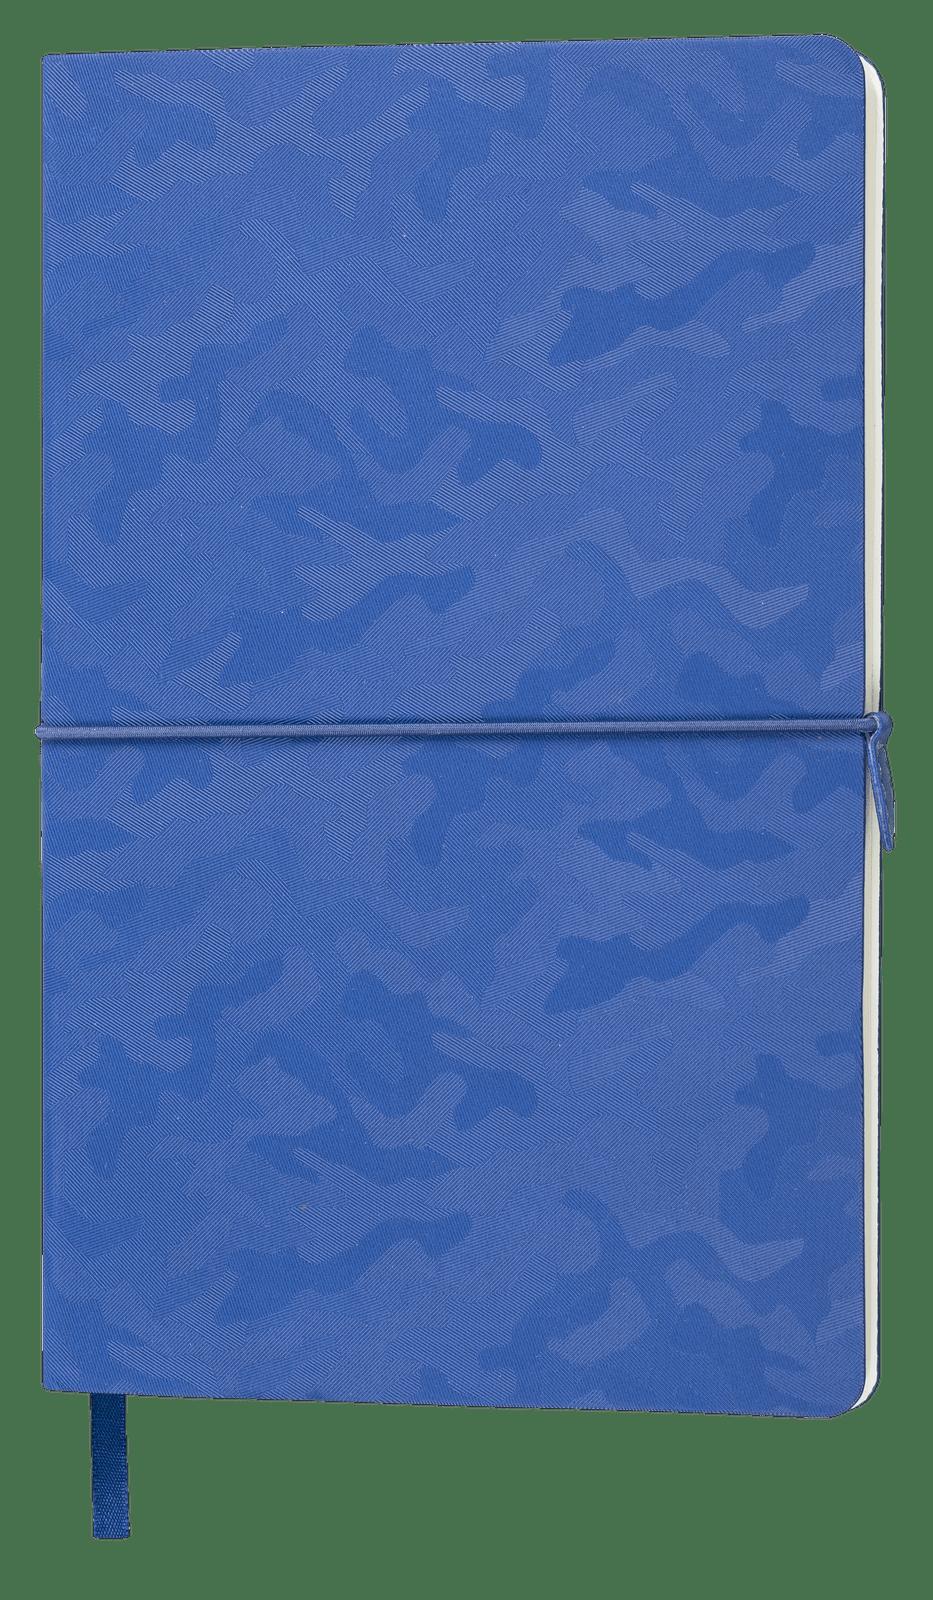 TM21226_25 - Tabby Franky azul royal